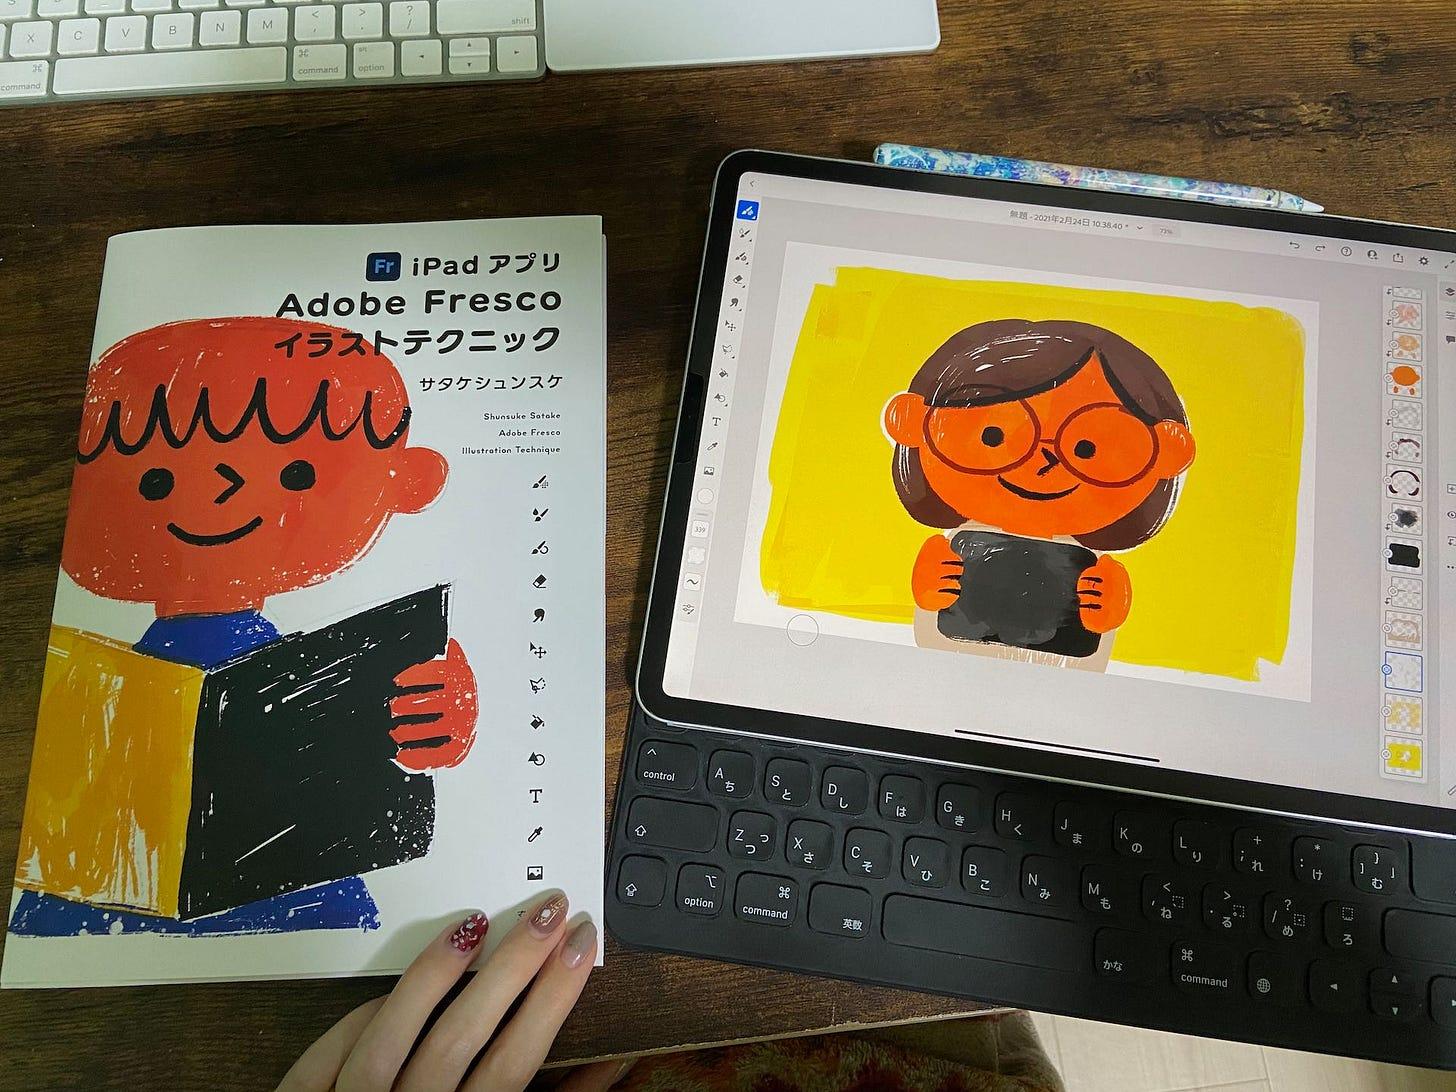 iPadアプリ Adobe Frescoイラストテクニック(玄光社2420円)